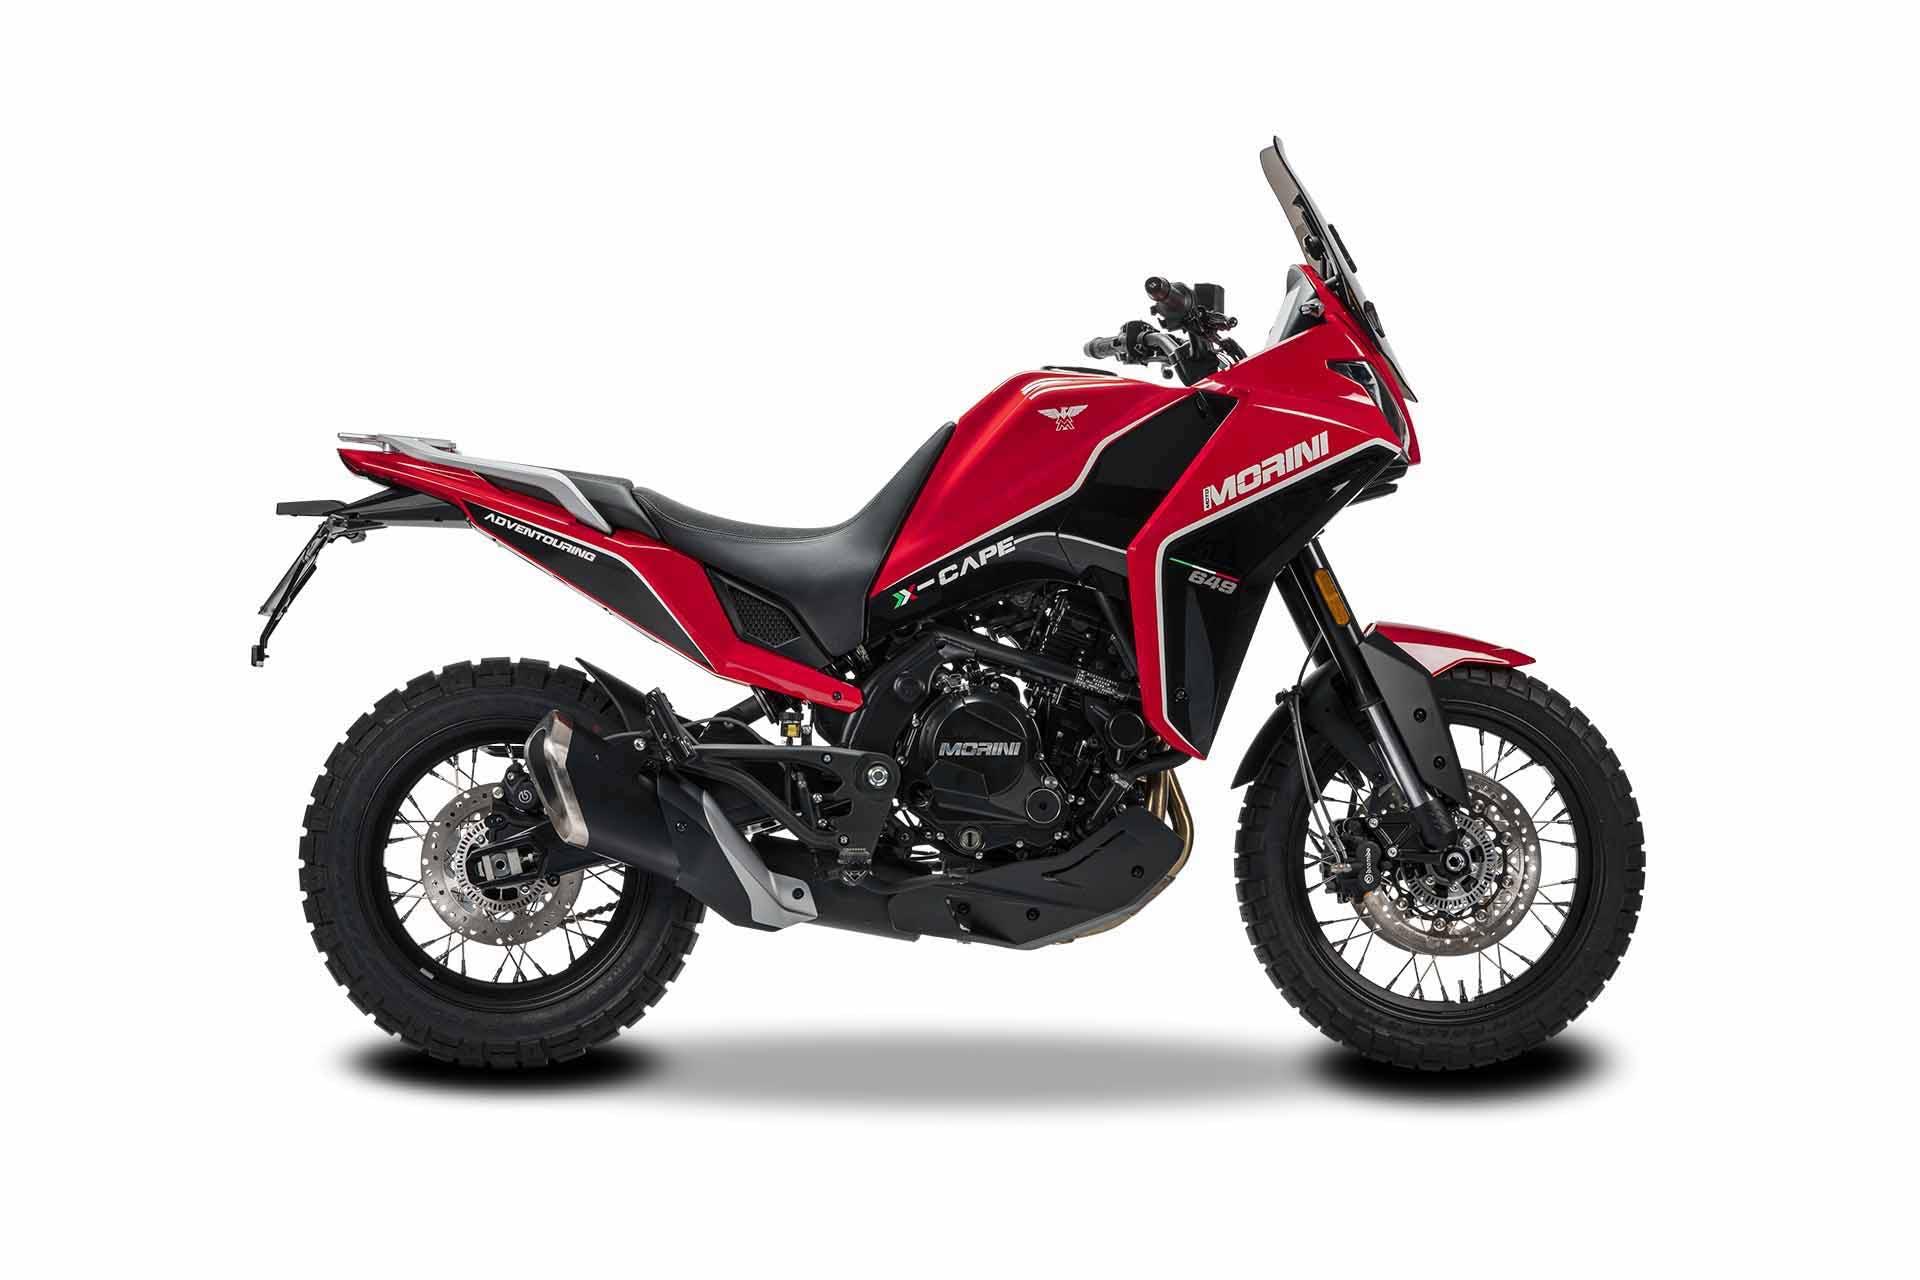 Moto Morini X-Cape Red Passion